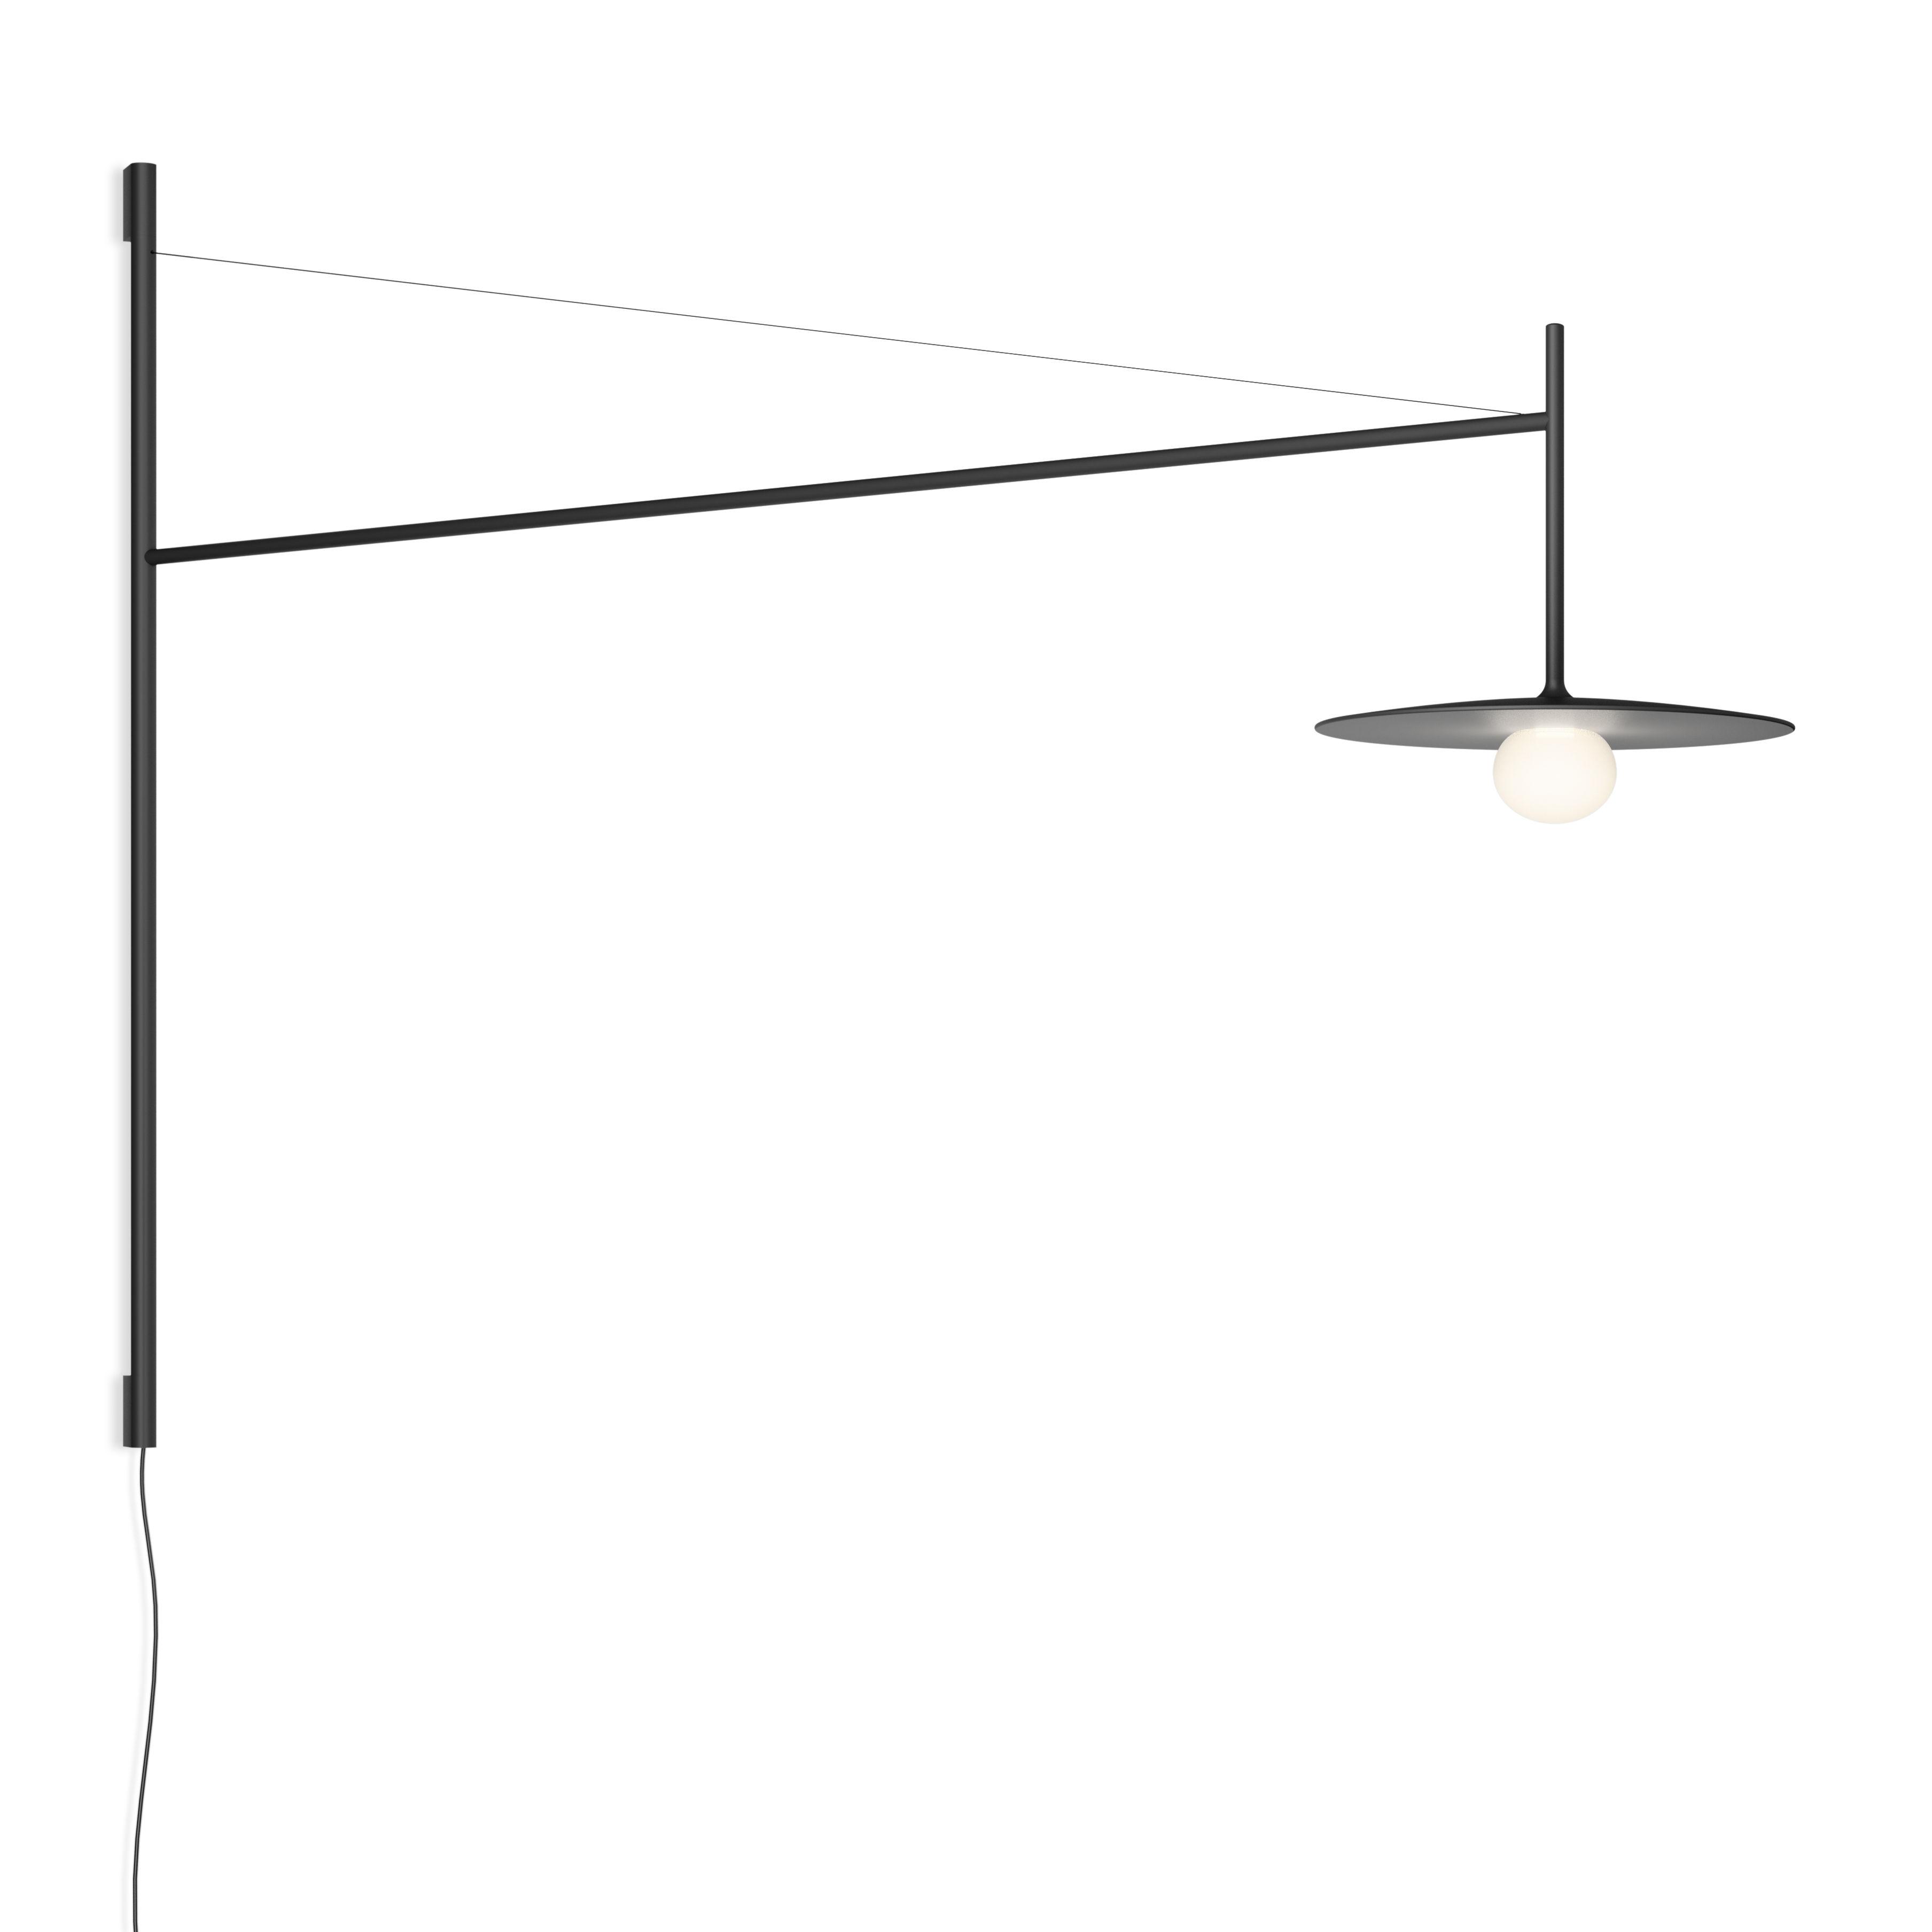 Illuminazione - Lampade da parete - Applique con presa Tempo Disque - / LED - Braccio girevole L 122 cm di Vibia - Disco / Grigio grafite - Acciaio laccato, Alluminio laccato, vetro soffiato